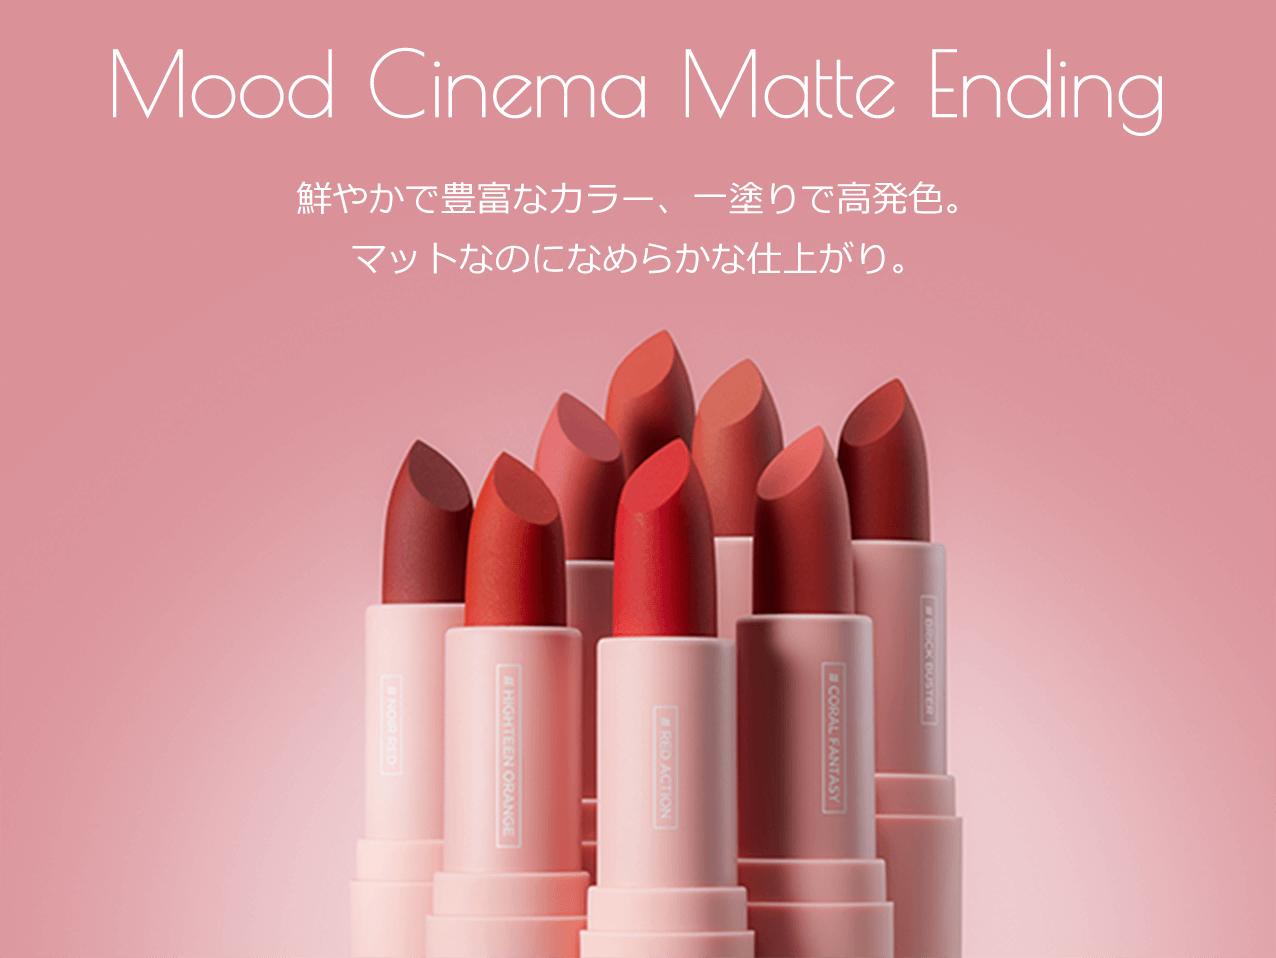 Mood Cinema Matte Ending 鮮やかで豊富なカラー、一塗りで高発色。マットなのになめらかな仕上がり。